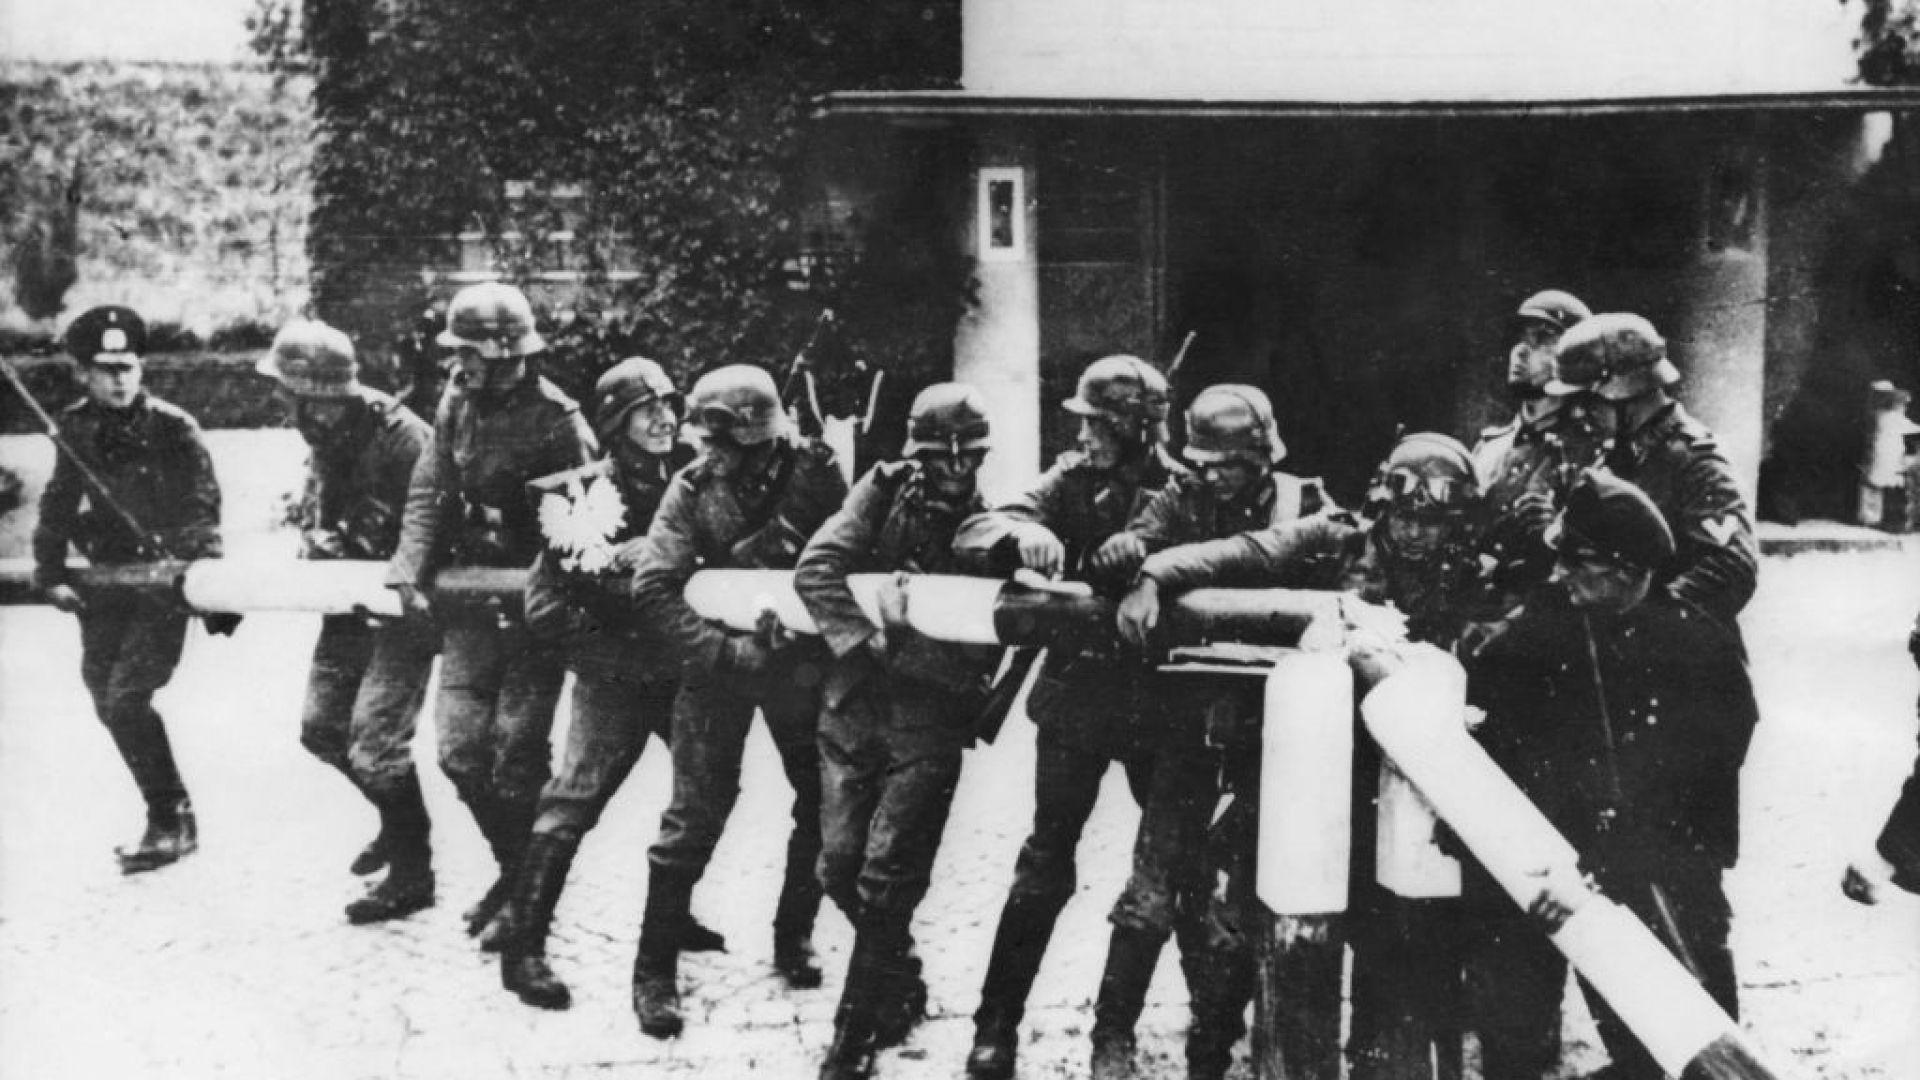 1.09.1939 г., 04.45 ч.:  Немски войници нахлуват в Полша. Започва Втората световна война (снимки)